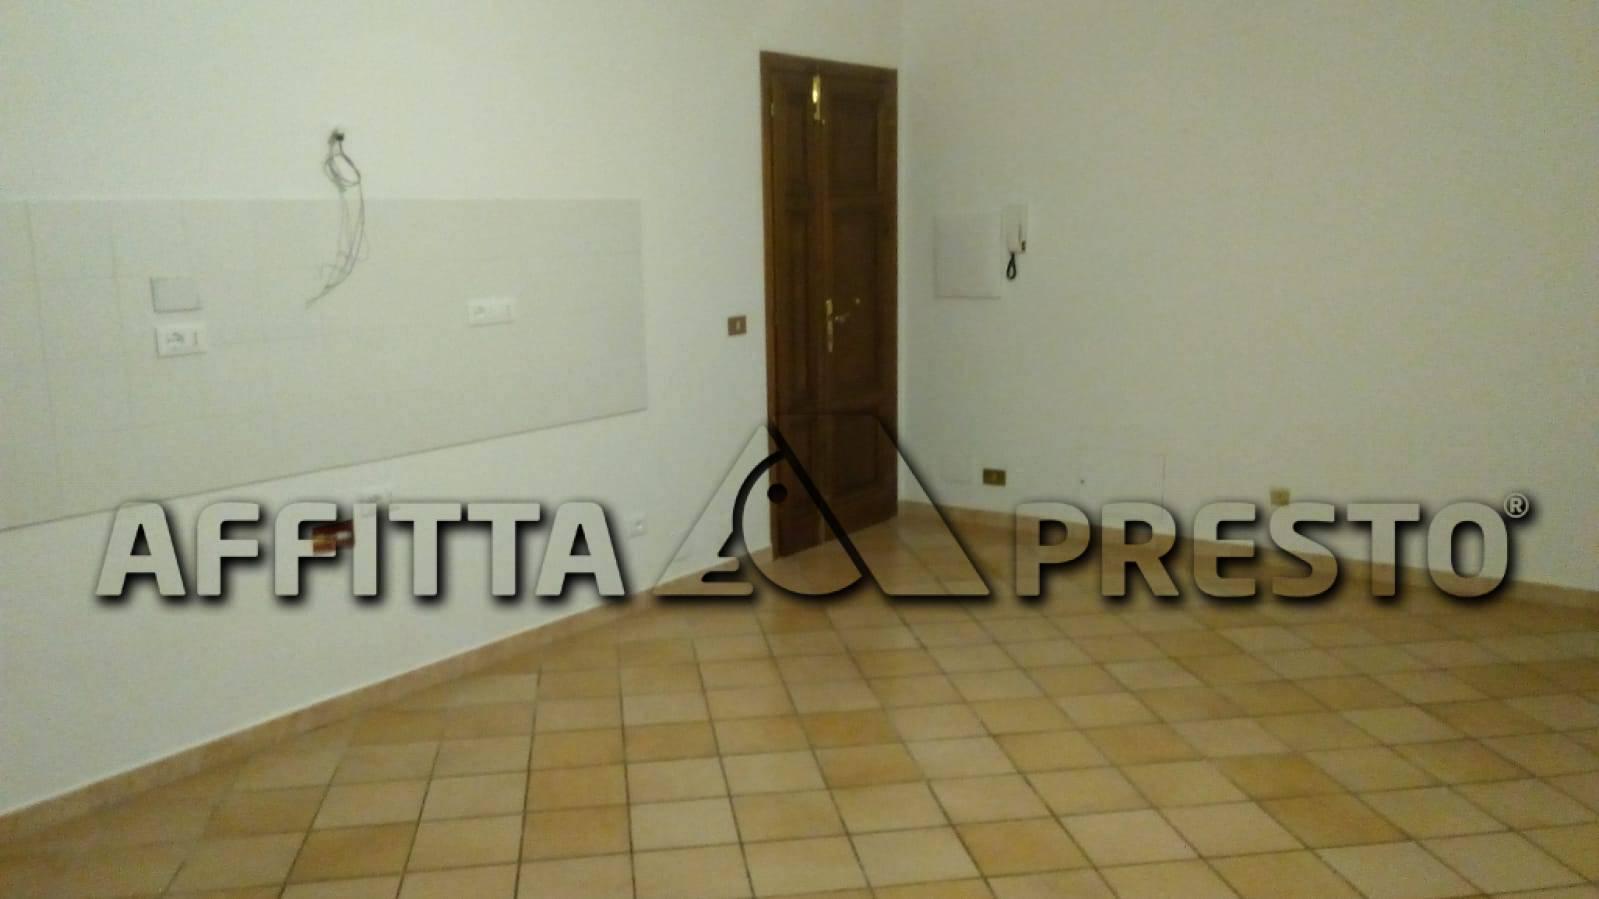 Appartamento in affitto a Collesalvetti, 3 locali, zona Località: Collesalvetti, prezzo € 550 | CambioCasa.it